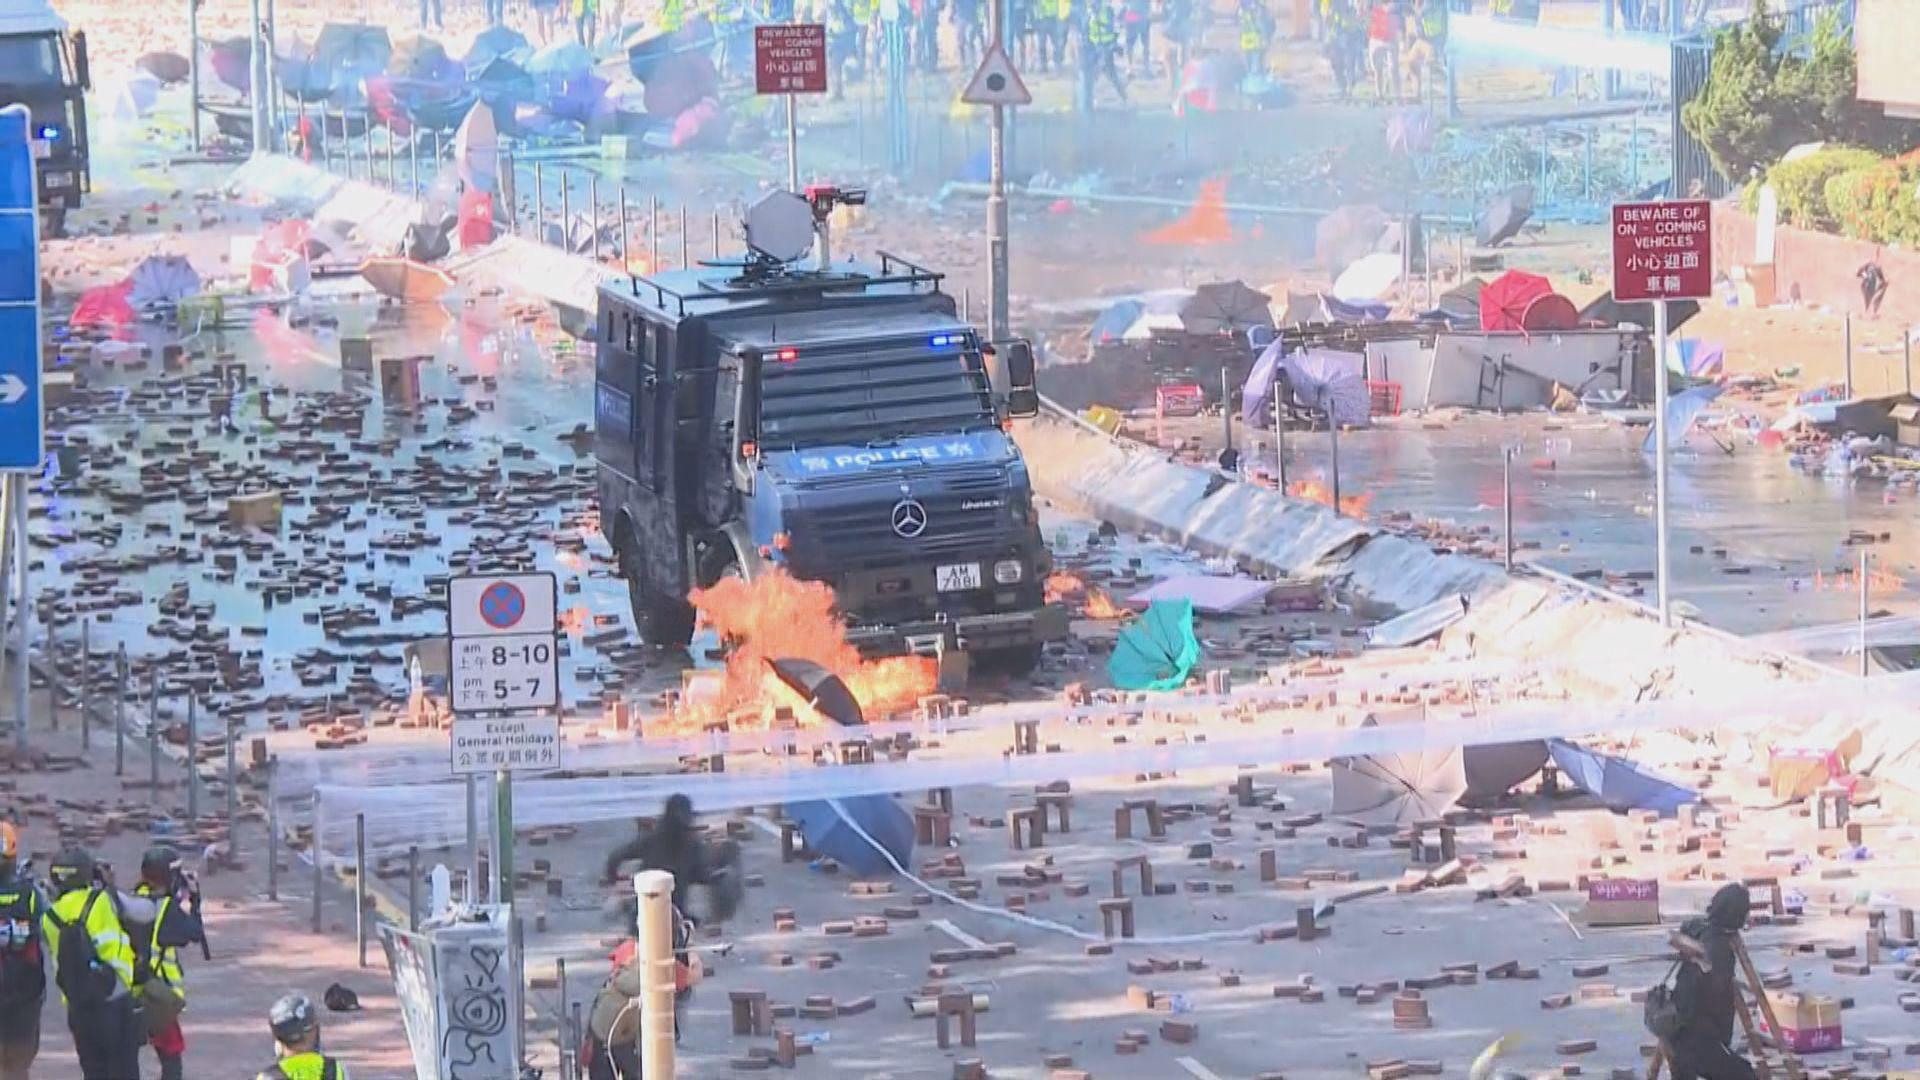 示威者用汽油彈弓箭大型彈叉作武器